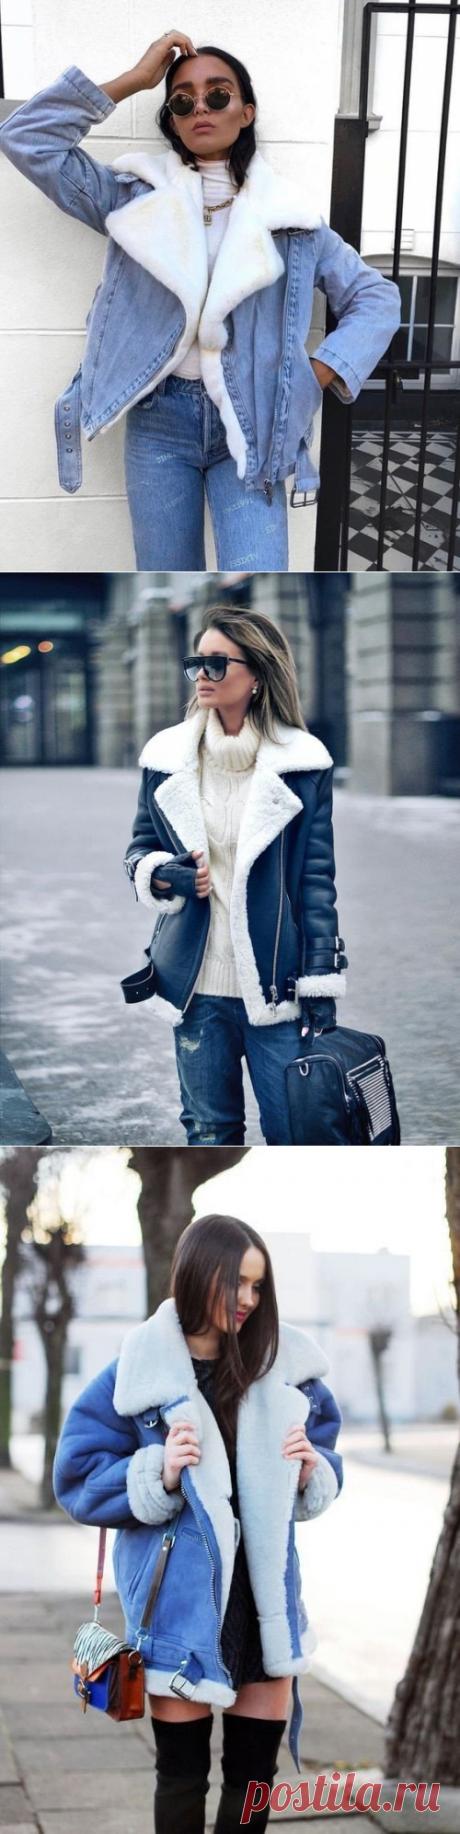 Стильные дубленочки — Красота и мода